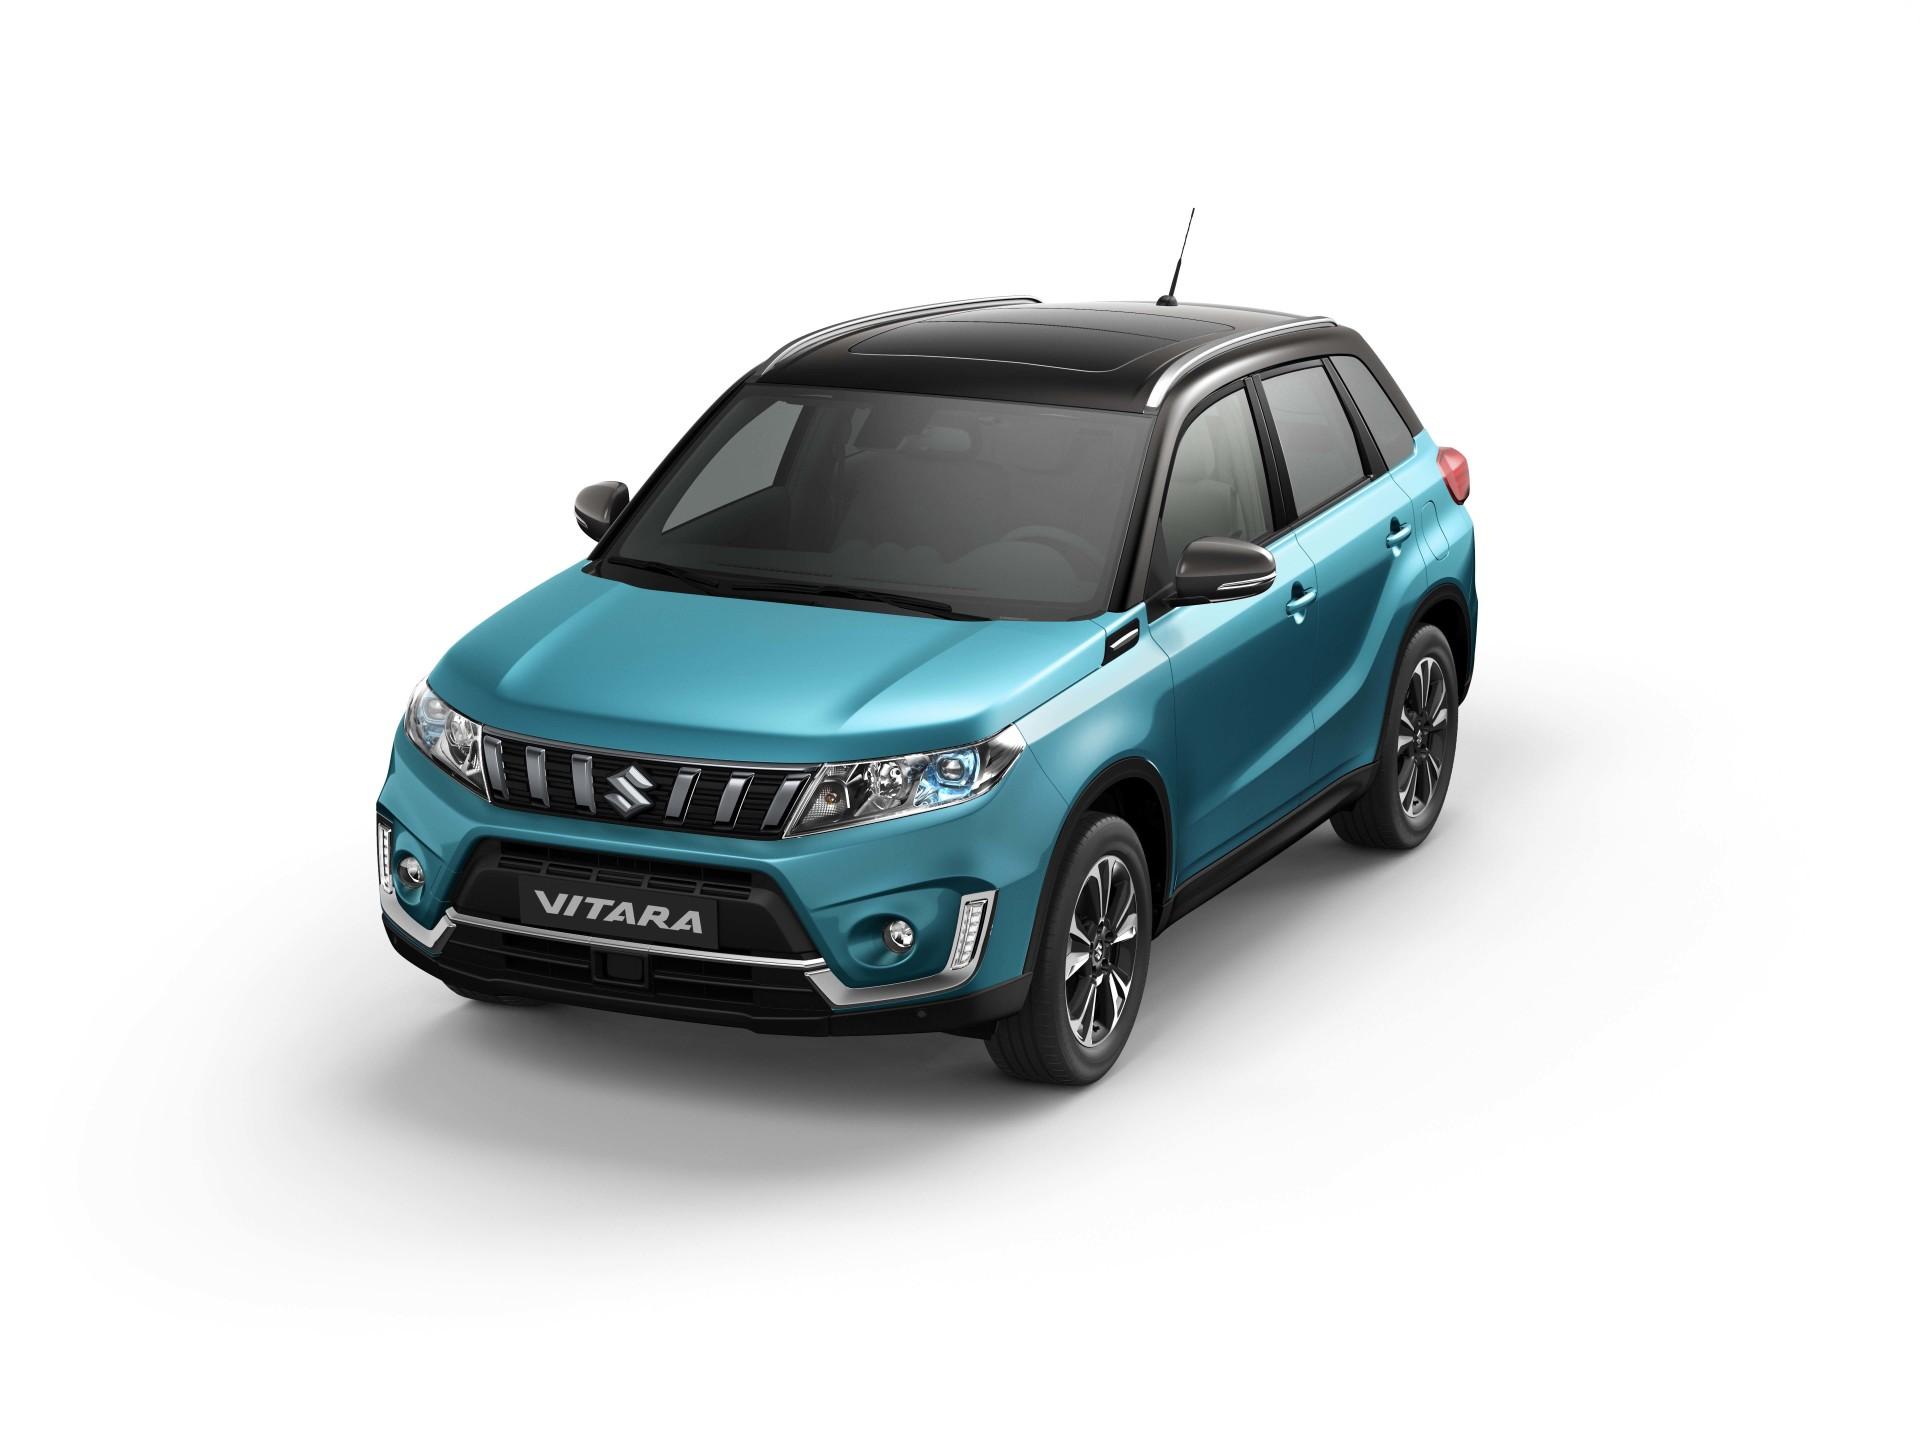 Suzuki Vitara 2018 506